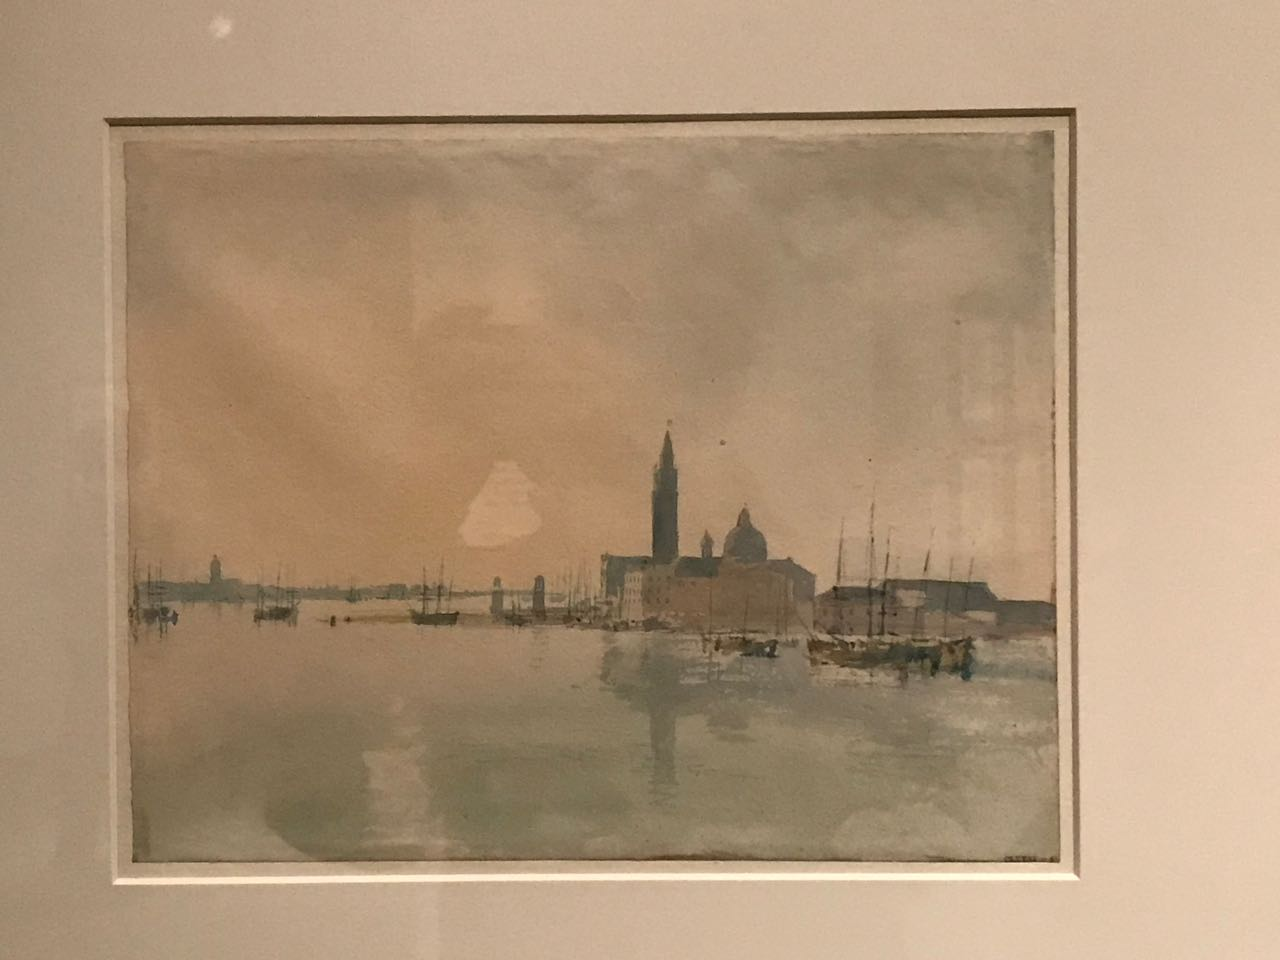 Turner16a_Venice:SanGiorgioMaggiore-EarlyMorning1819